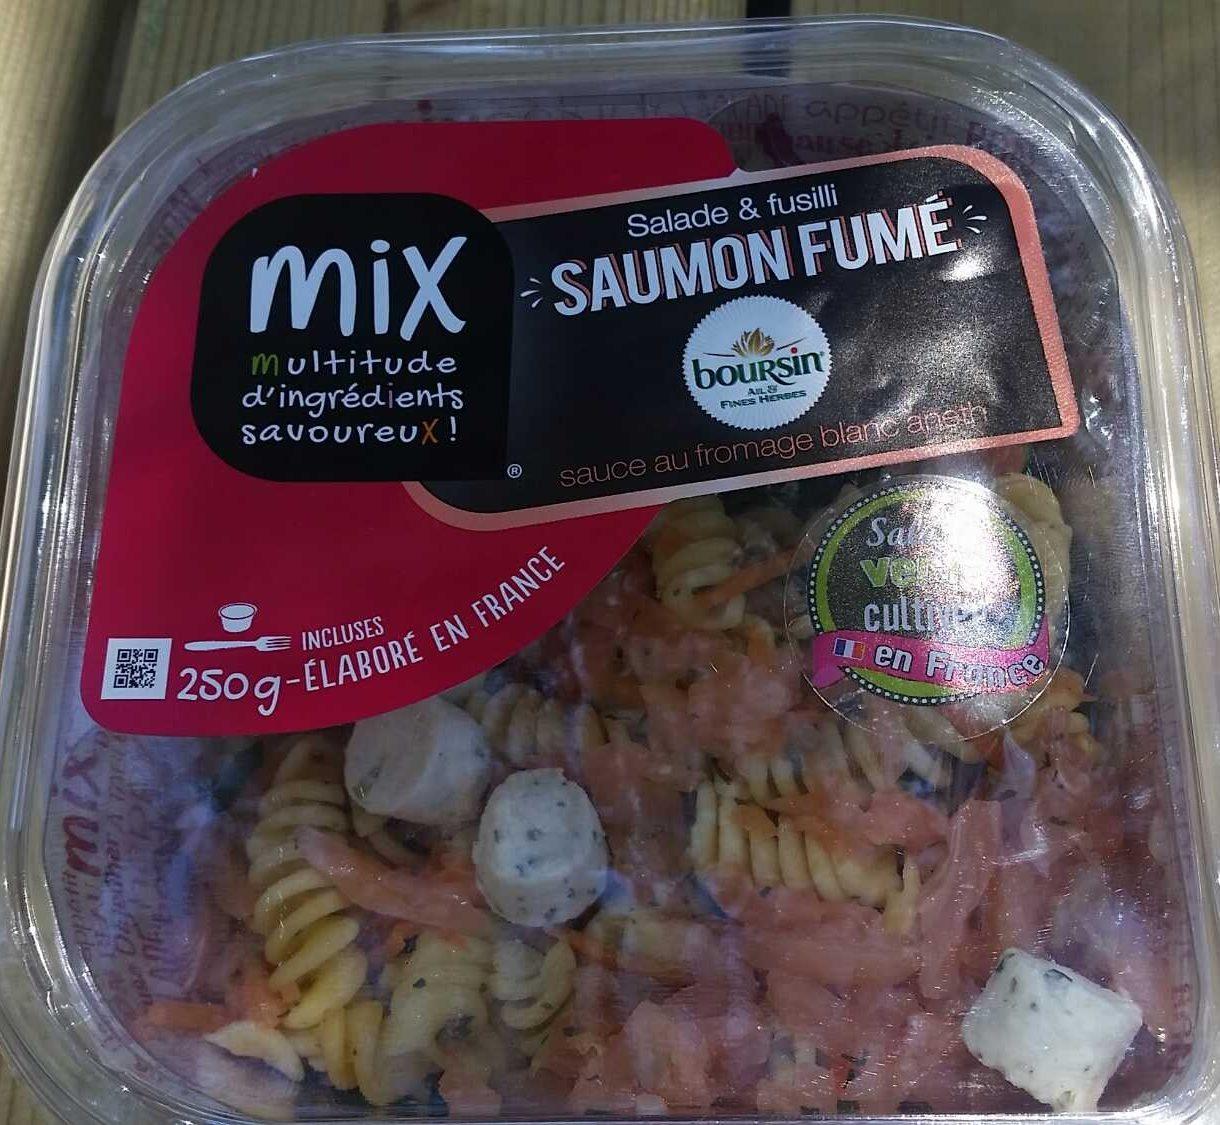 Salade et fusilli saumon fumé - Product - fr